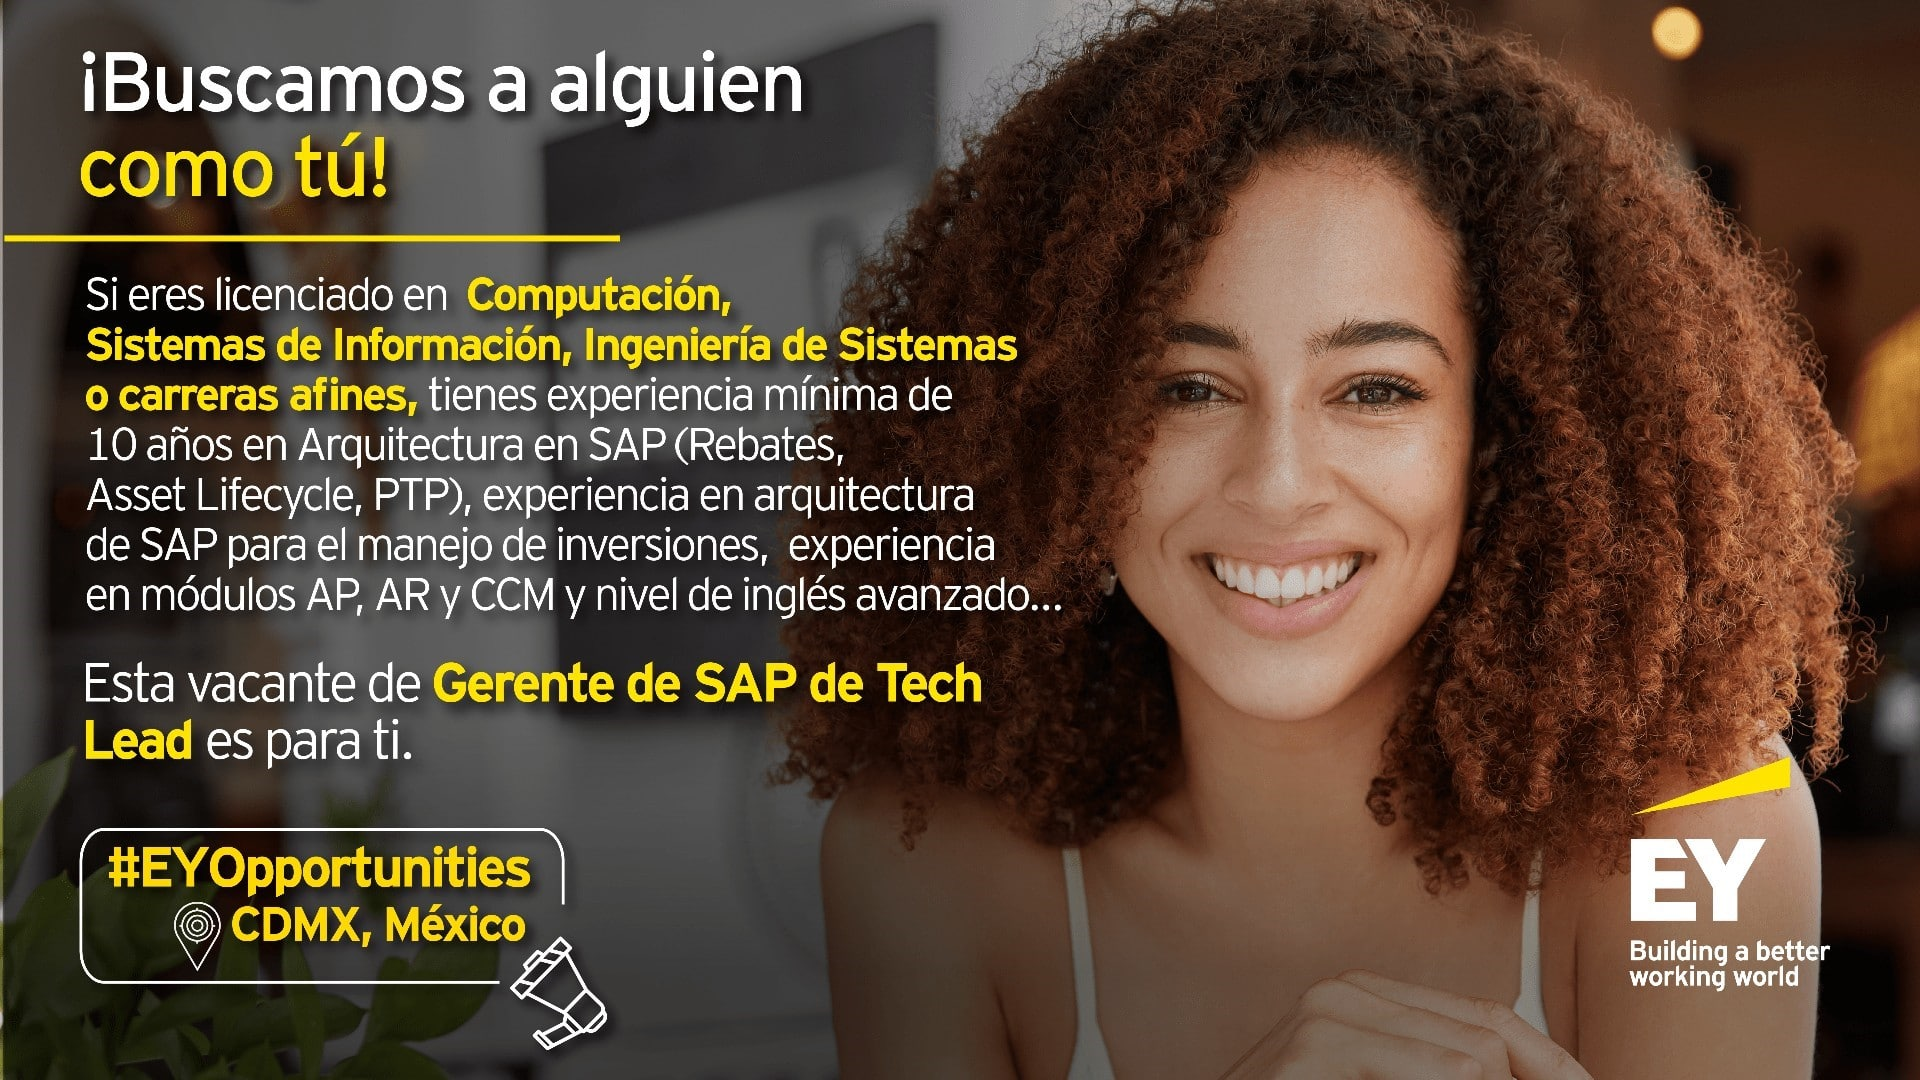 Gerente de SAP TECH